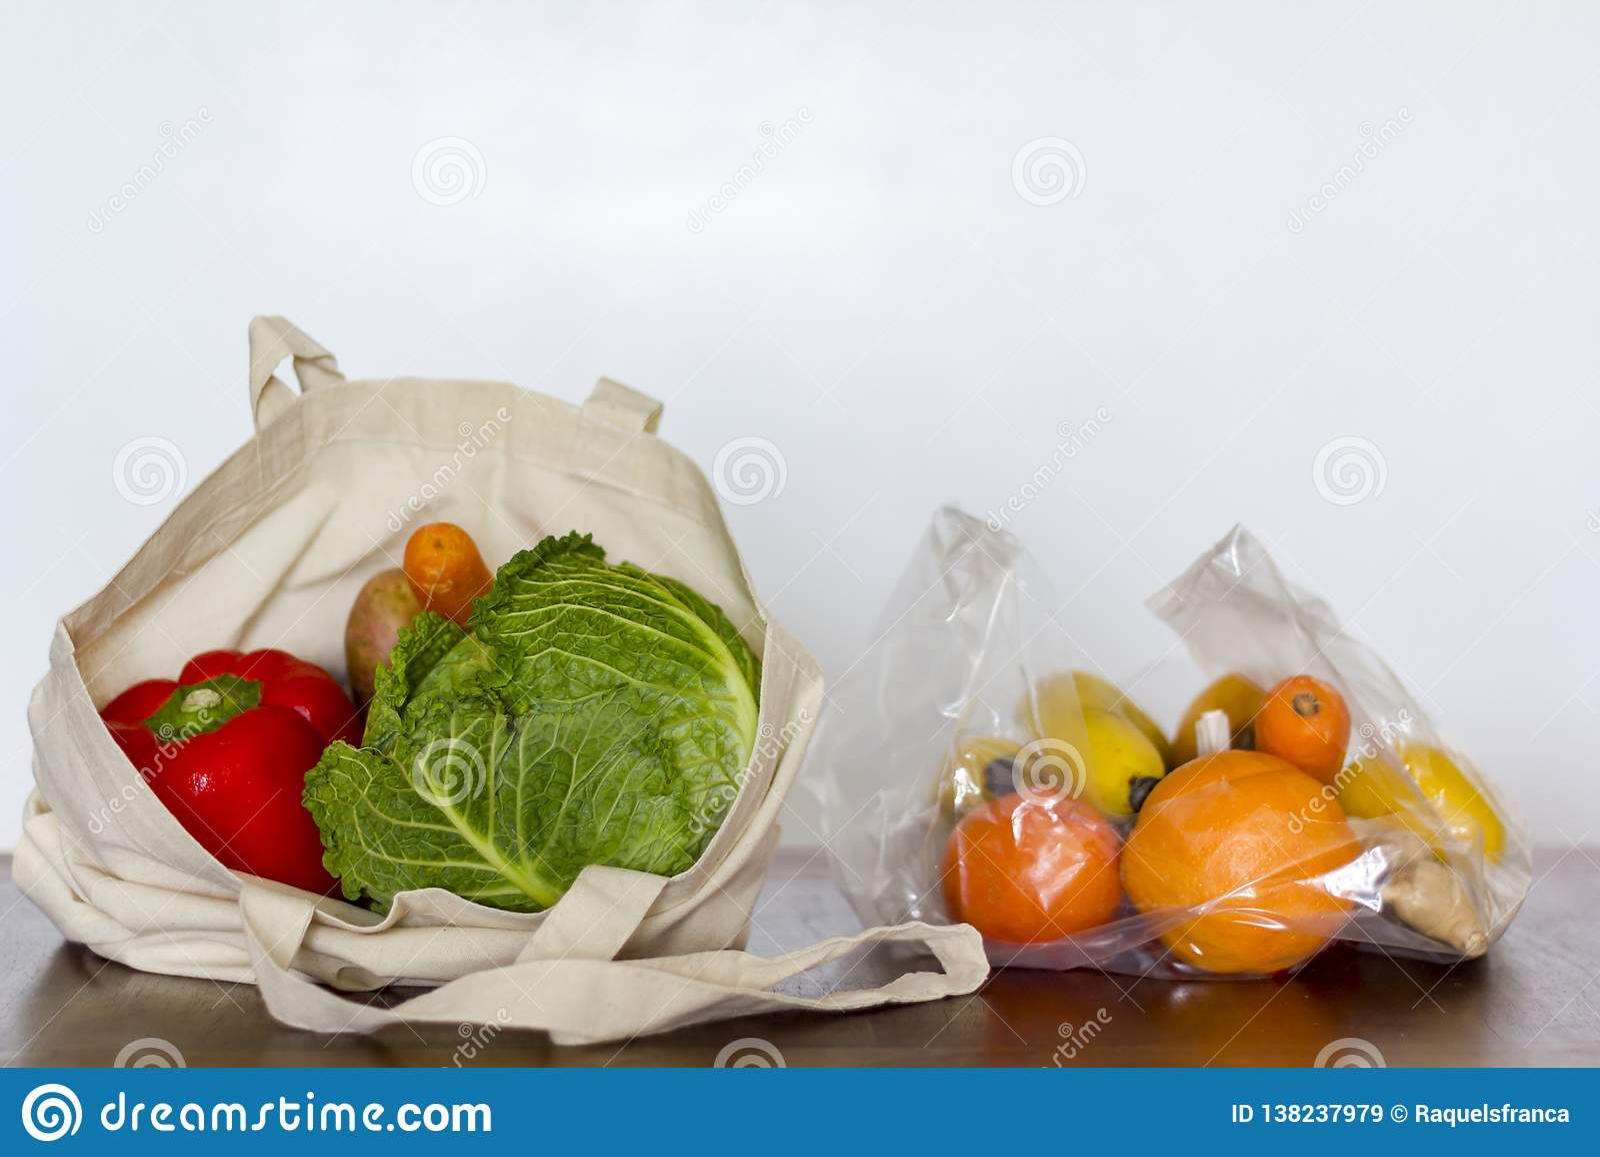 Сумка Eco многоразовая с овощами и полиэтиленовым пакетом с плодами